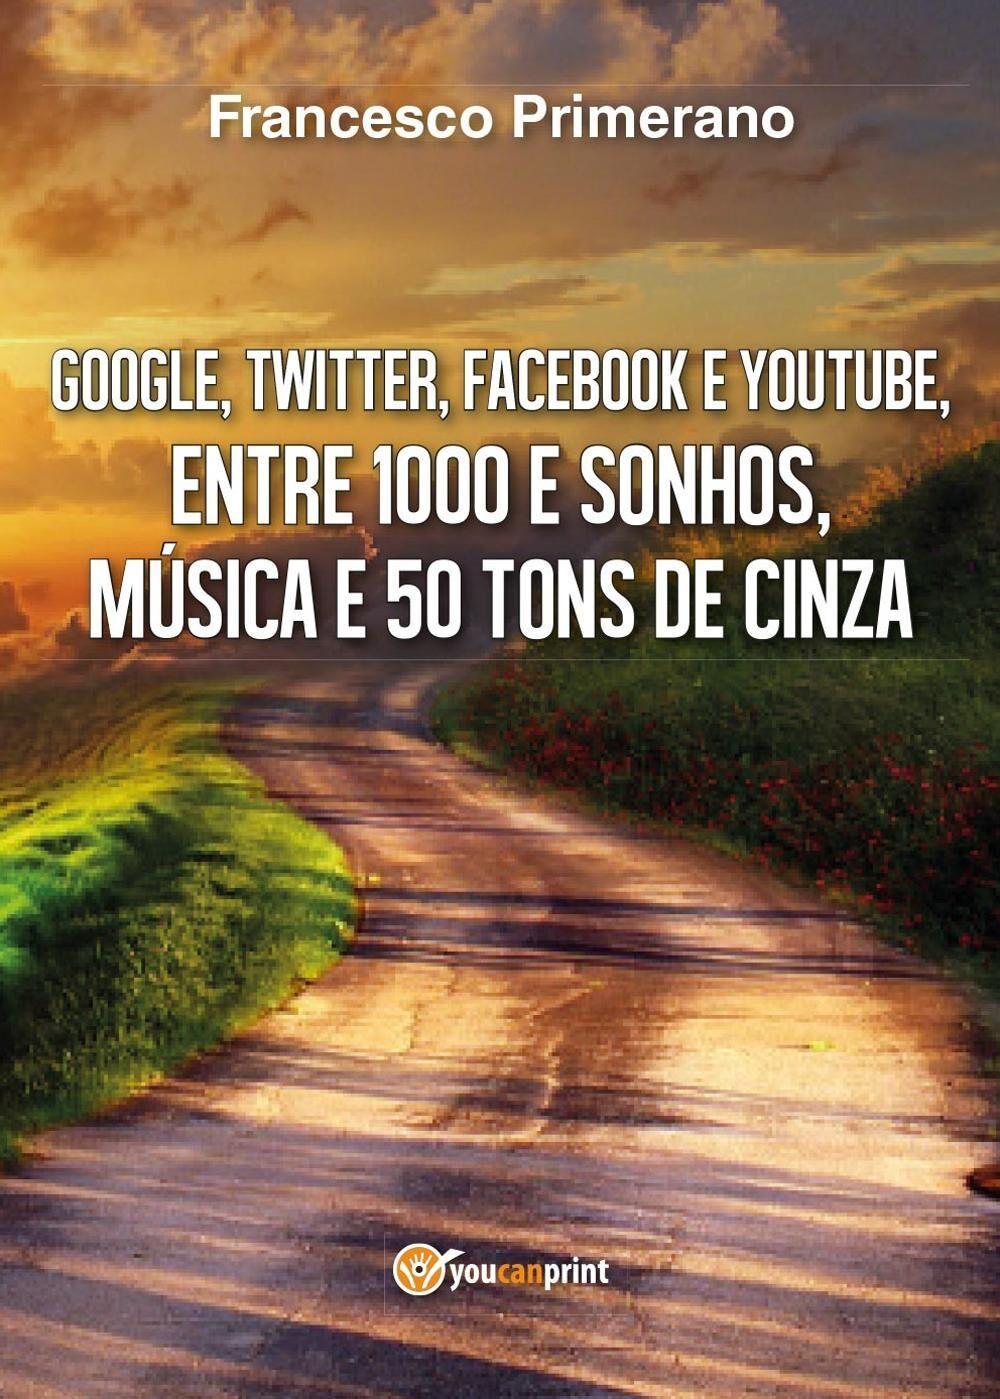 Google, Twitter, Facebook e Youtube, entre 1000 e sonhos, música e 50 tons de cinza